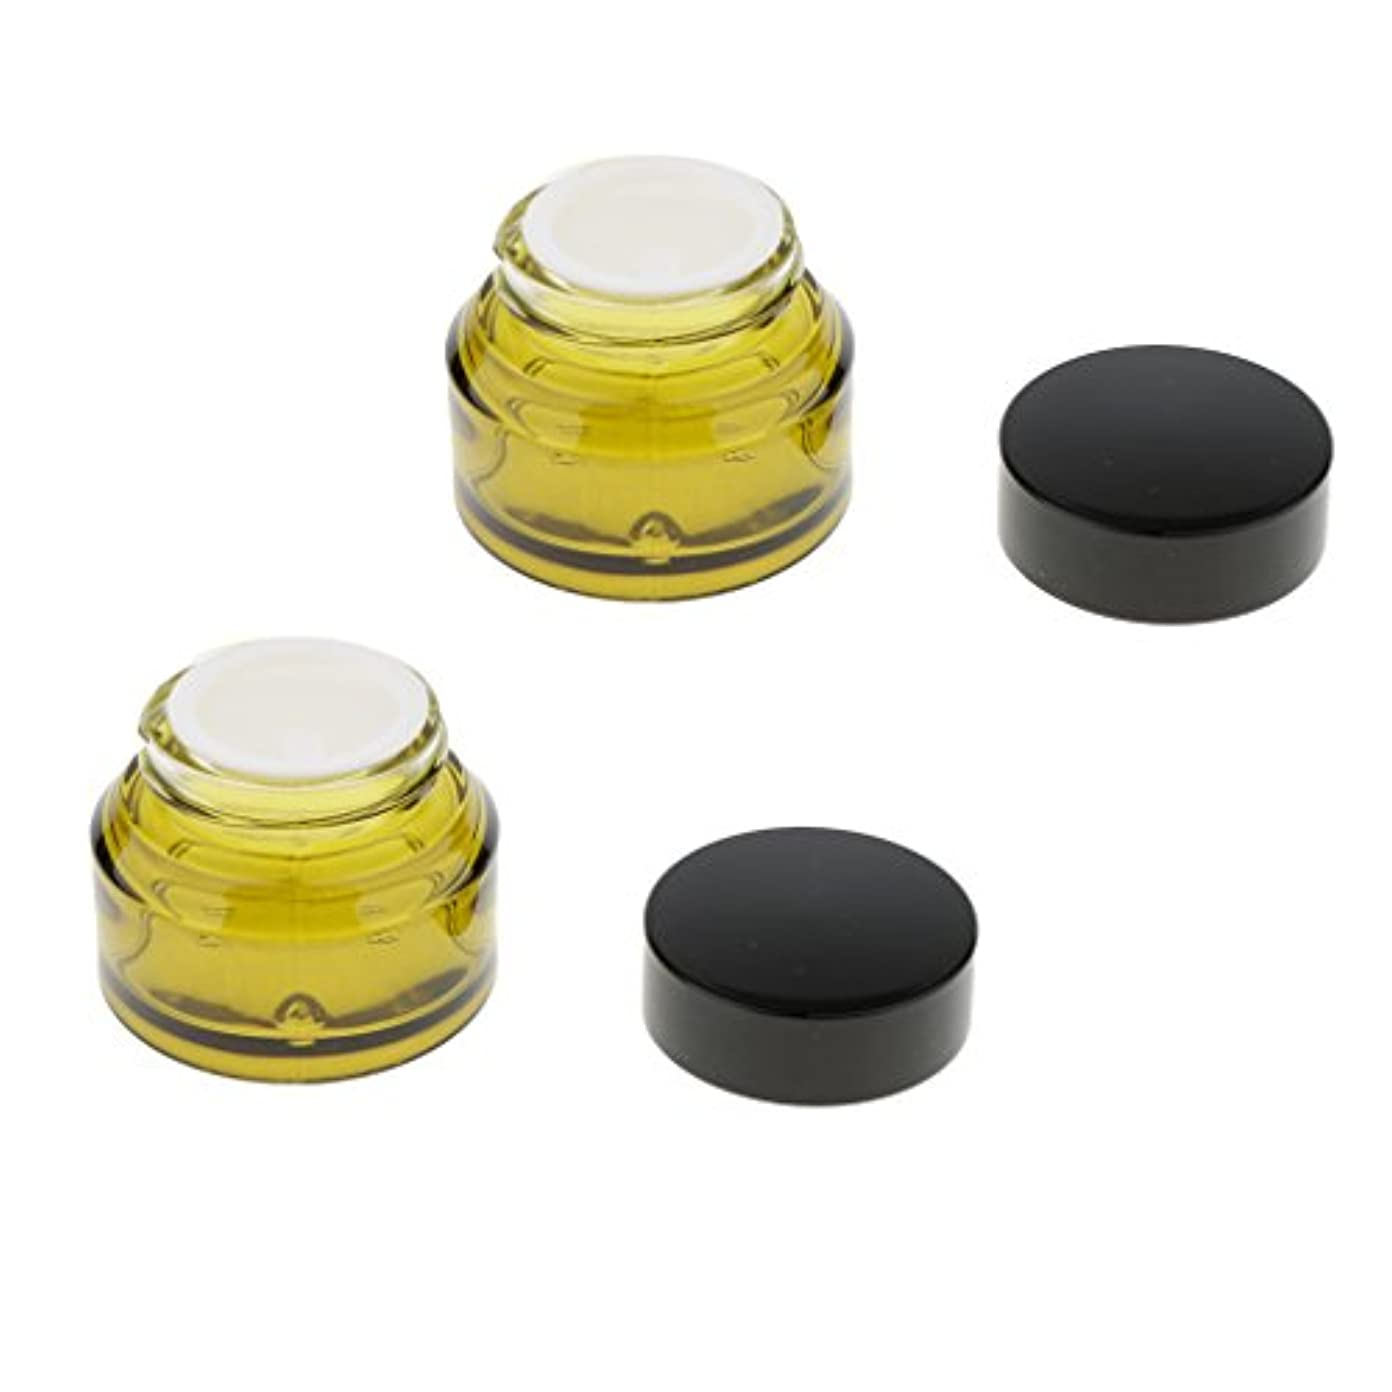 効果的福祉眉Toygogo 化粧品 容器 クリームボトル ガラス 瓶 アロマ クリーム ローション 保存 詰替え 3サイズ選べ - 30g